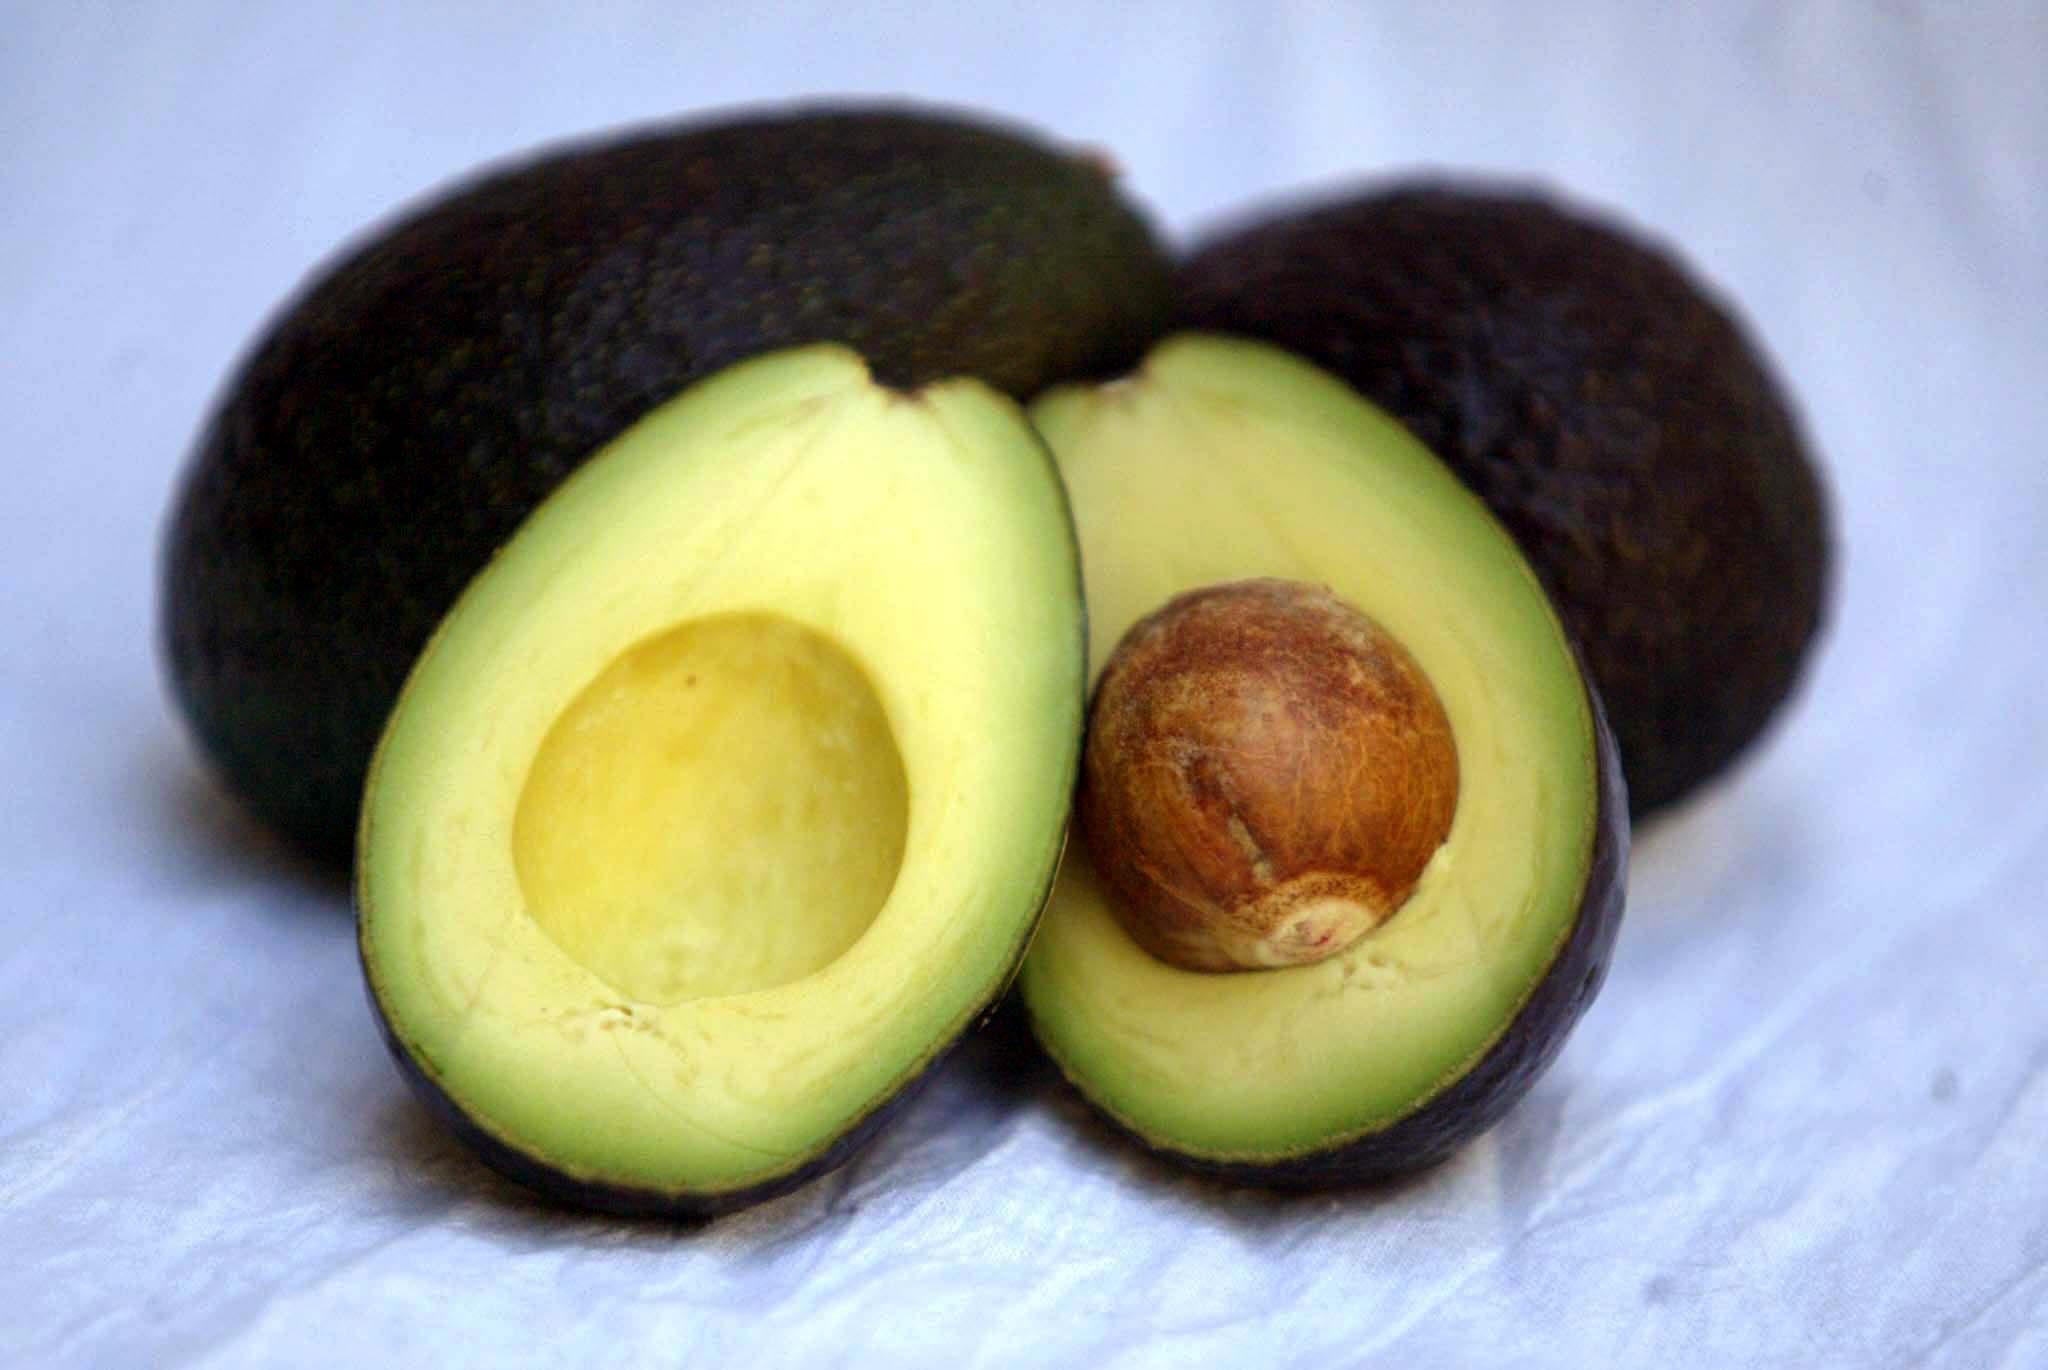 Los aguacates son una gran fuente de ácidos grasos omega 6 y omega 9. Foto: Matt Writtle